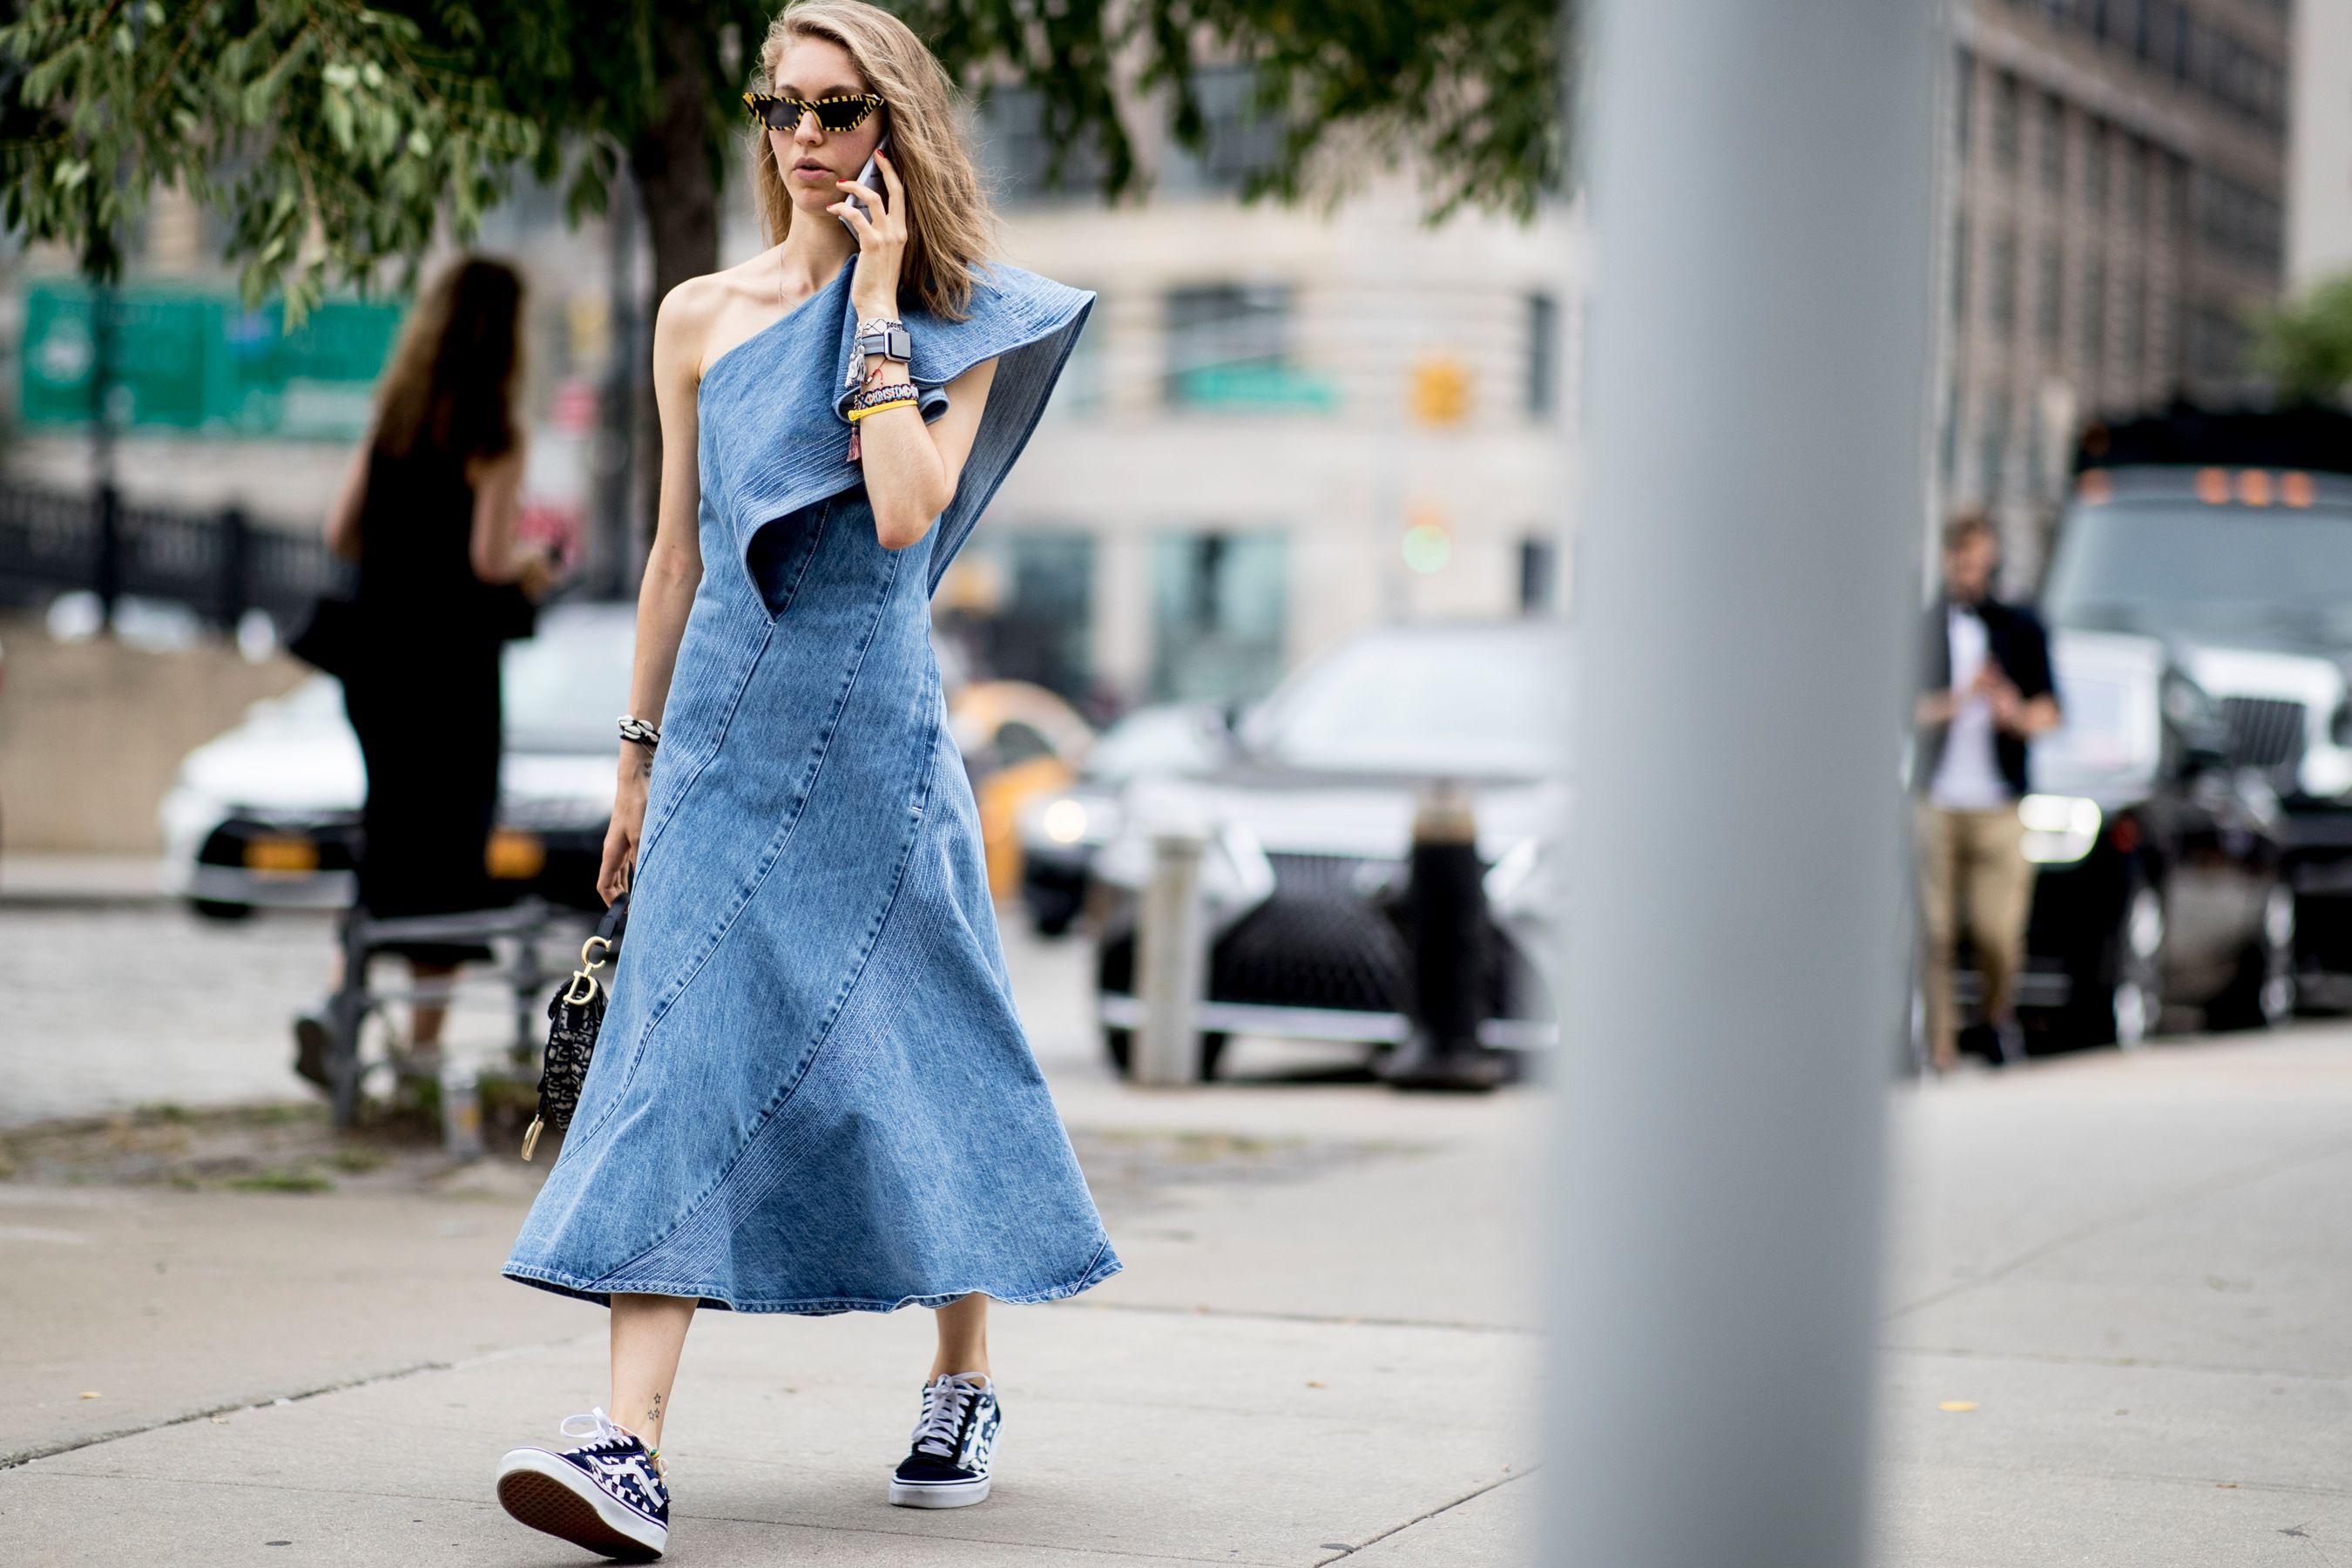 潮人球鞋穿搭, 球鞋穿搭, 紐約時裝週街拍, 街拍, 球鞋穿搭術